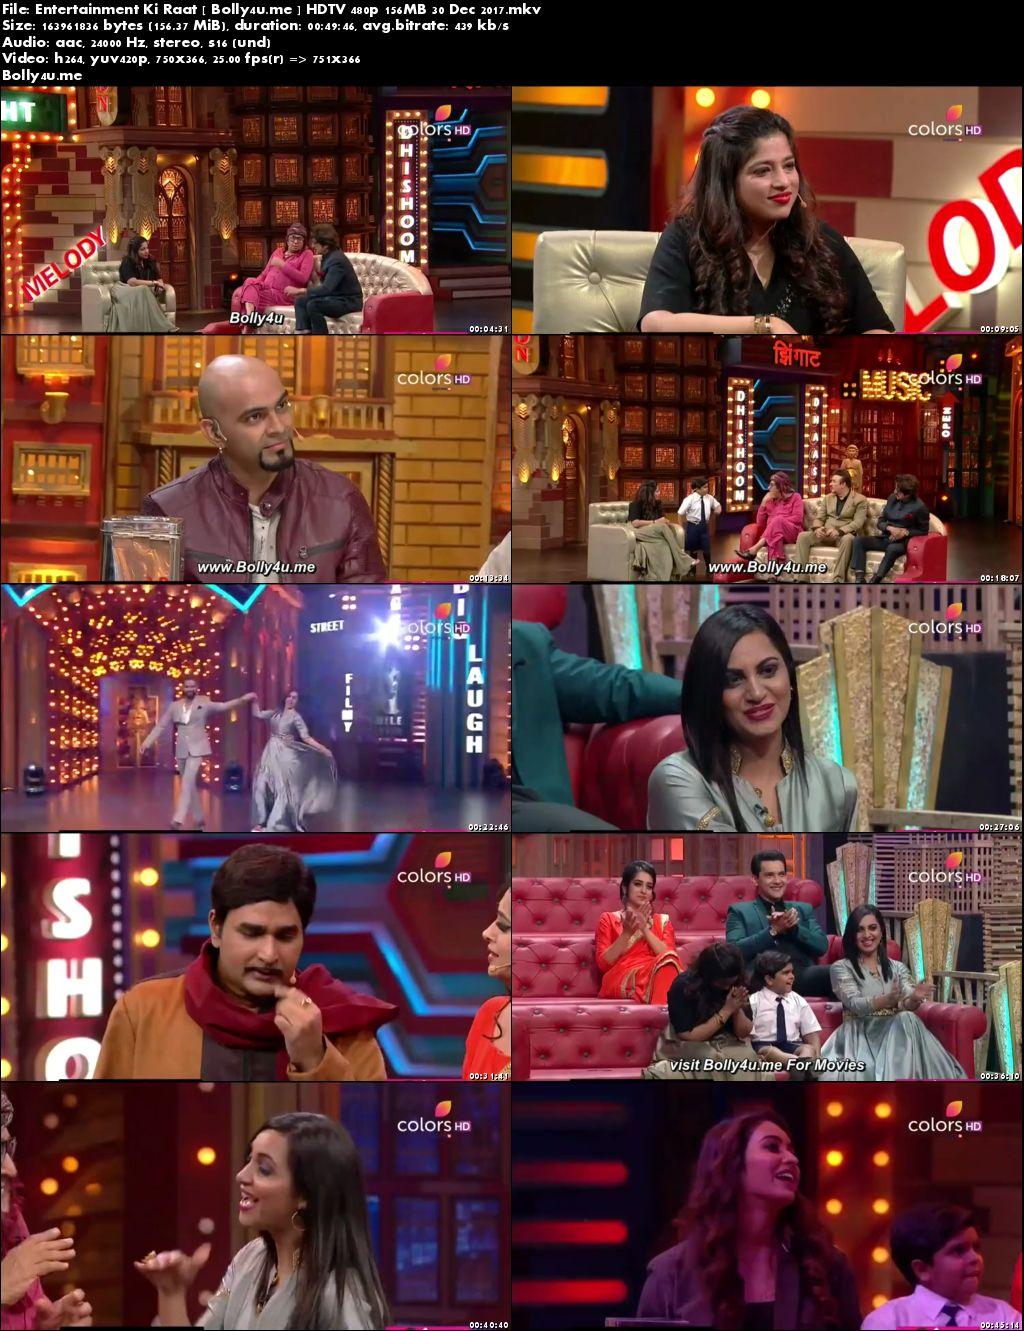 Entertainment Ki Raat HDTV 480p 150MB 30 Dec 2017 Download